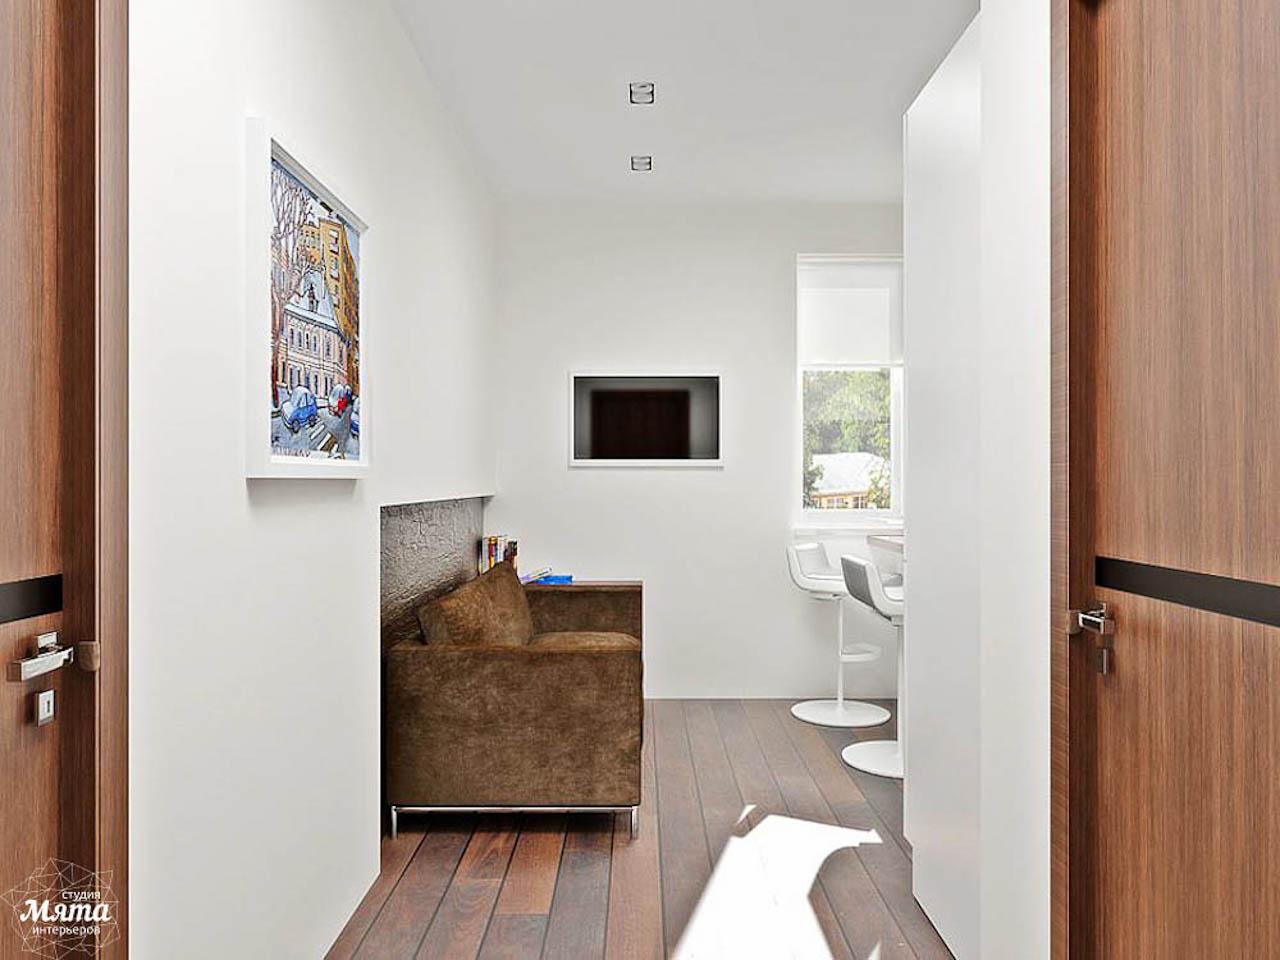 Дизайн интерьера однокомнатной квартиры в стиле хай тек по ул. Щербакова 35 img1050558010